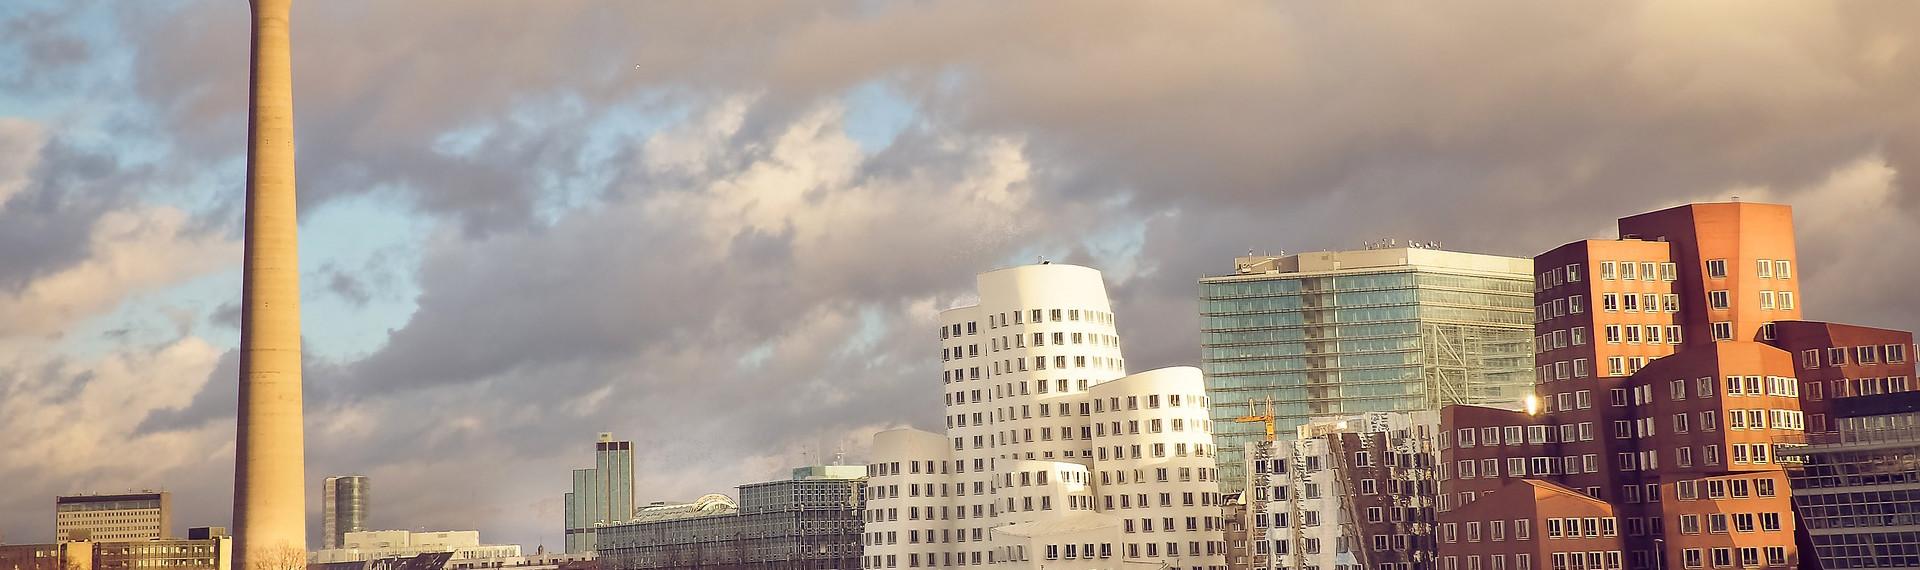 Sightseeing-Tour auf dem Schiff Düsseldorf